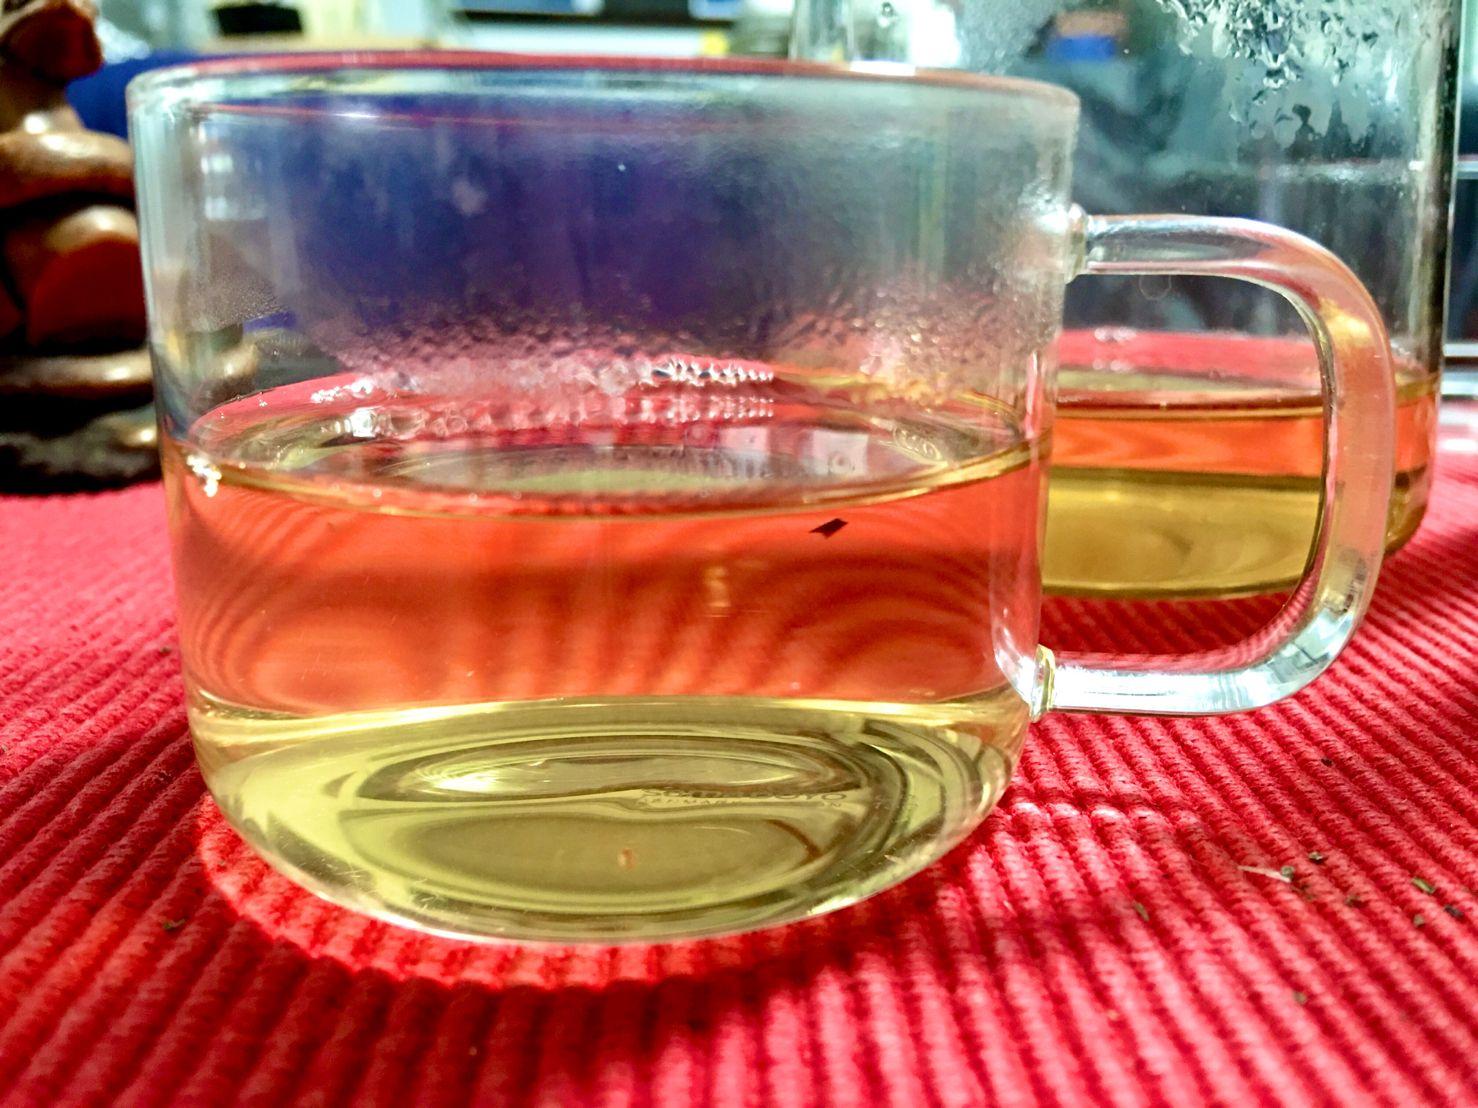 Shí Hào Bái Chá, 十号白茶, #10 White Tea